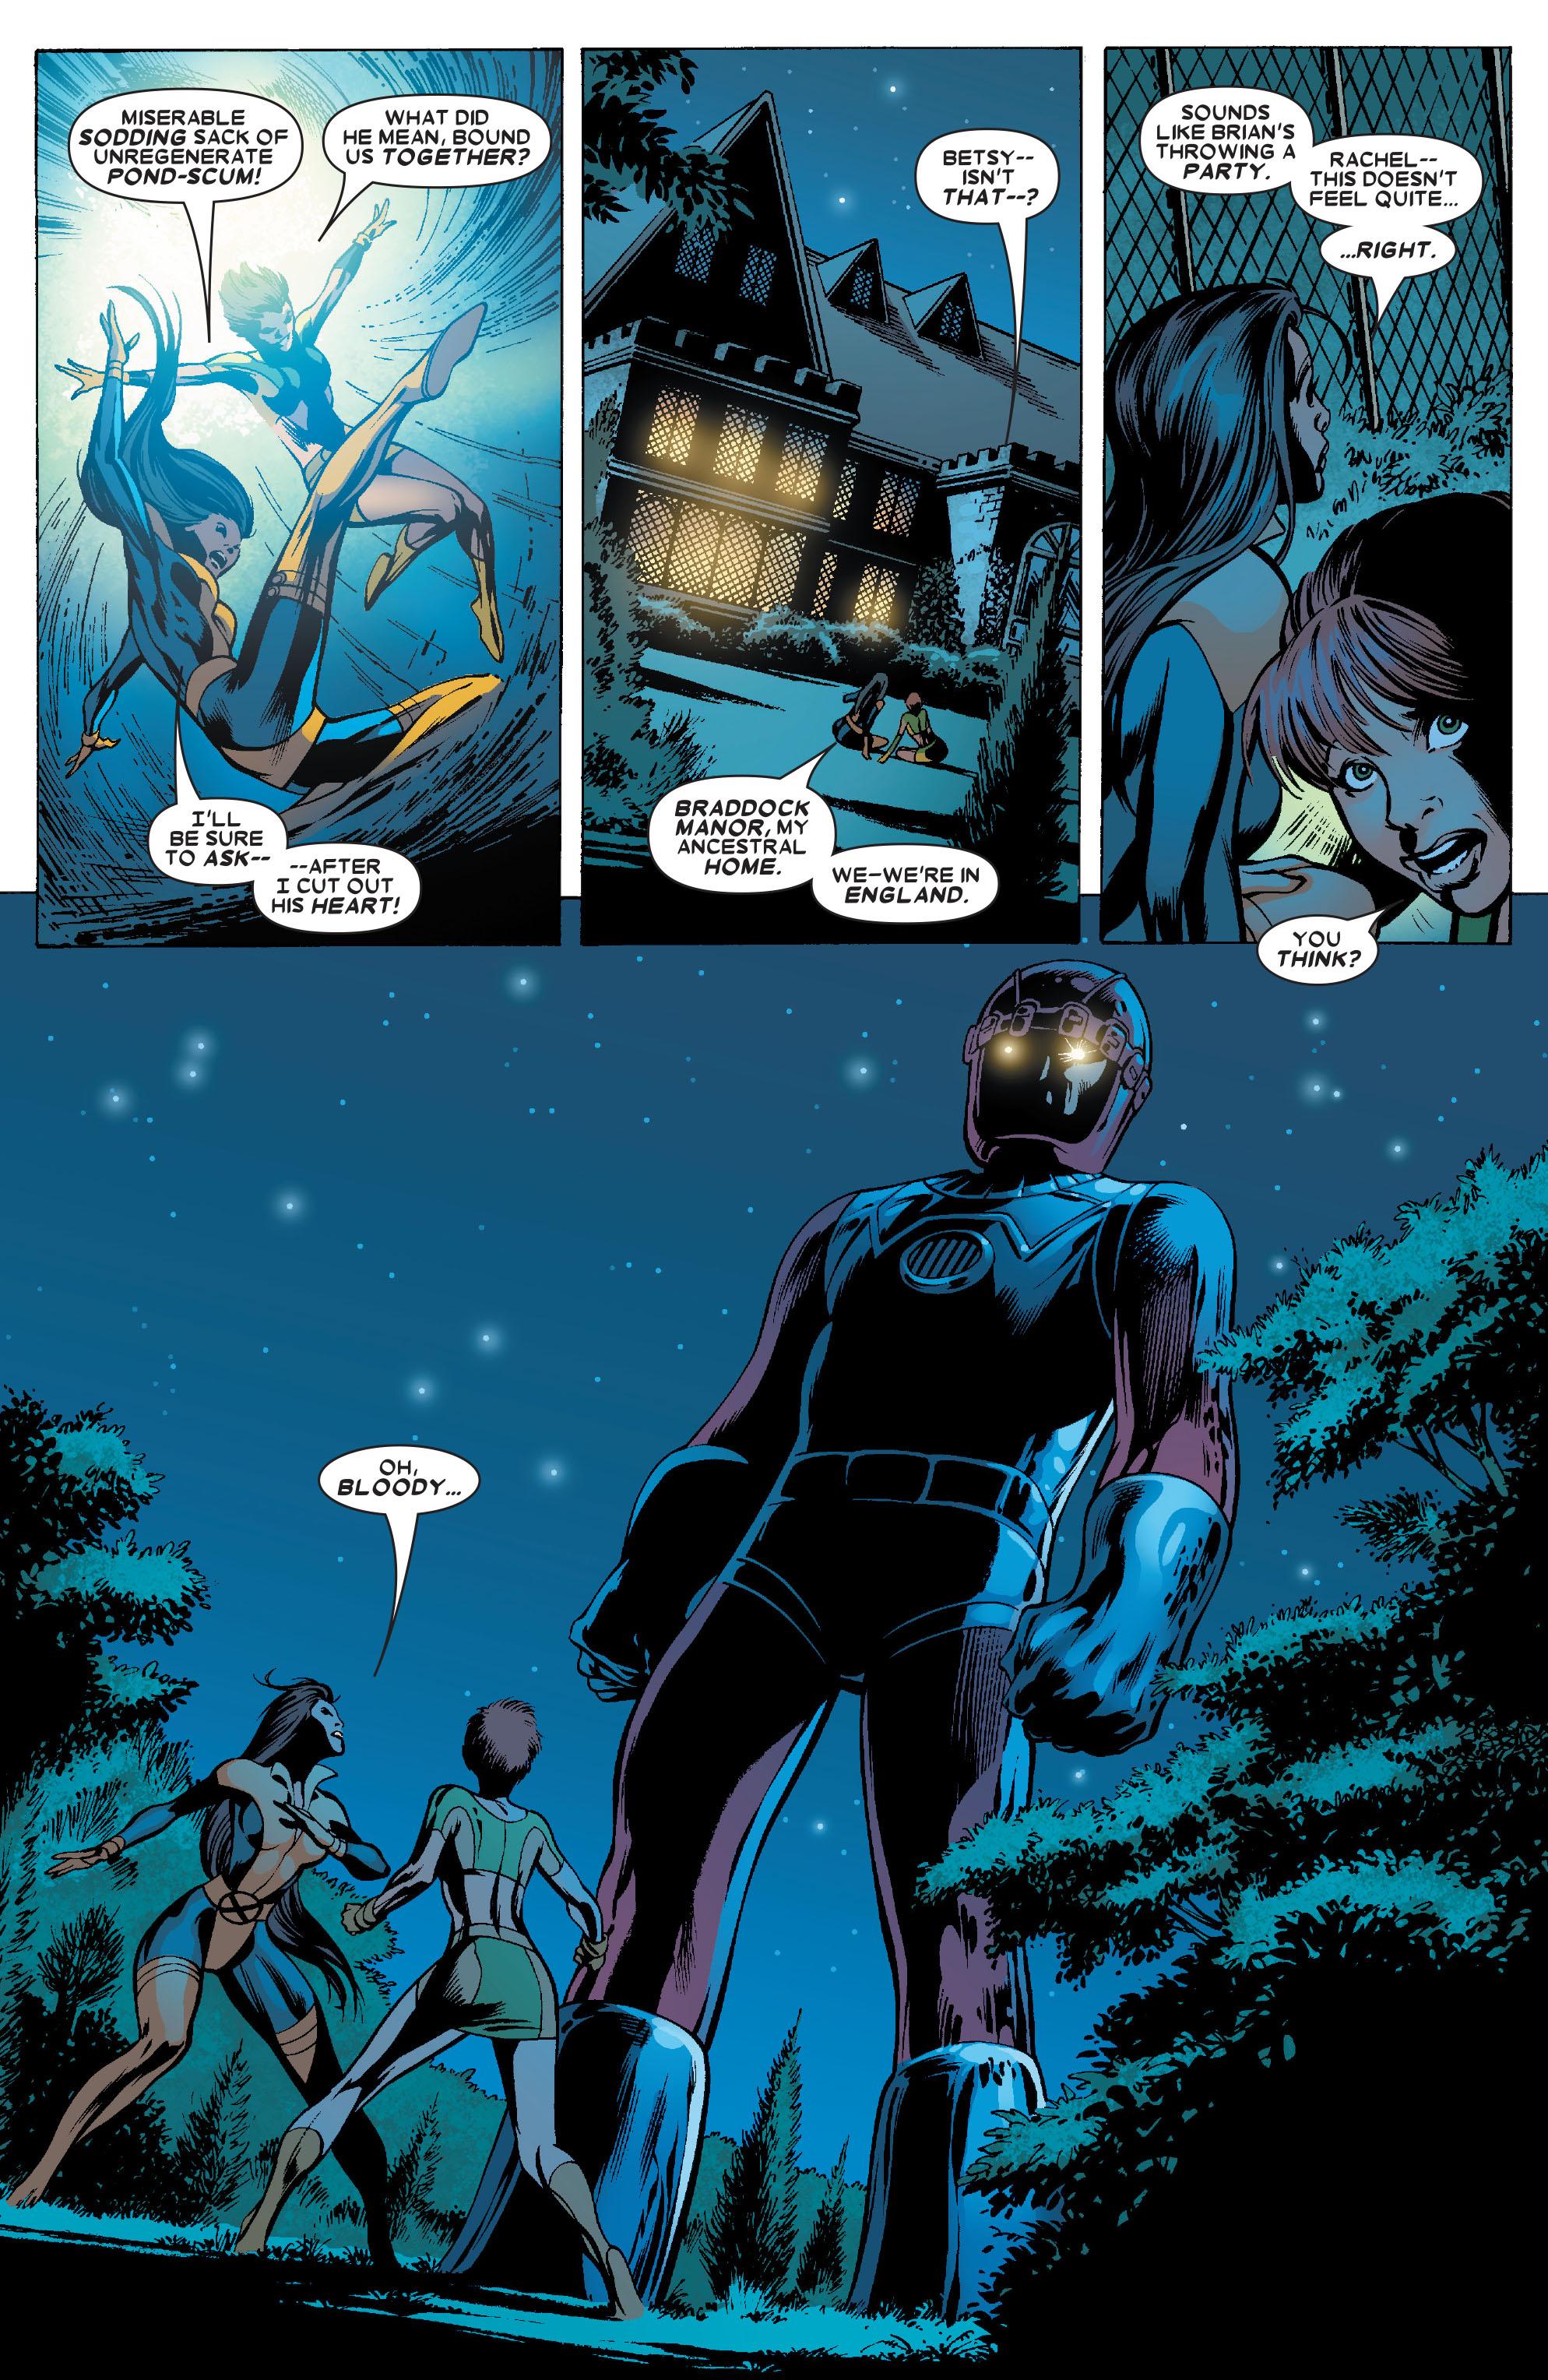 Read online Uncanny X-Men (1963) comic -  Issue #462 - 22